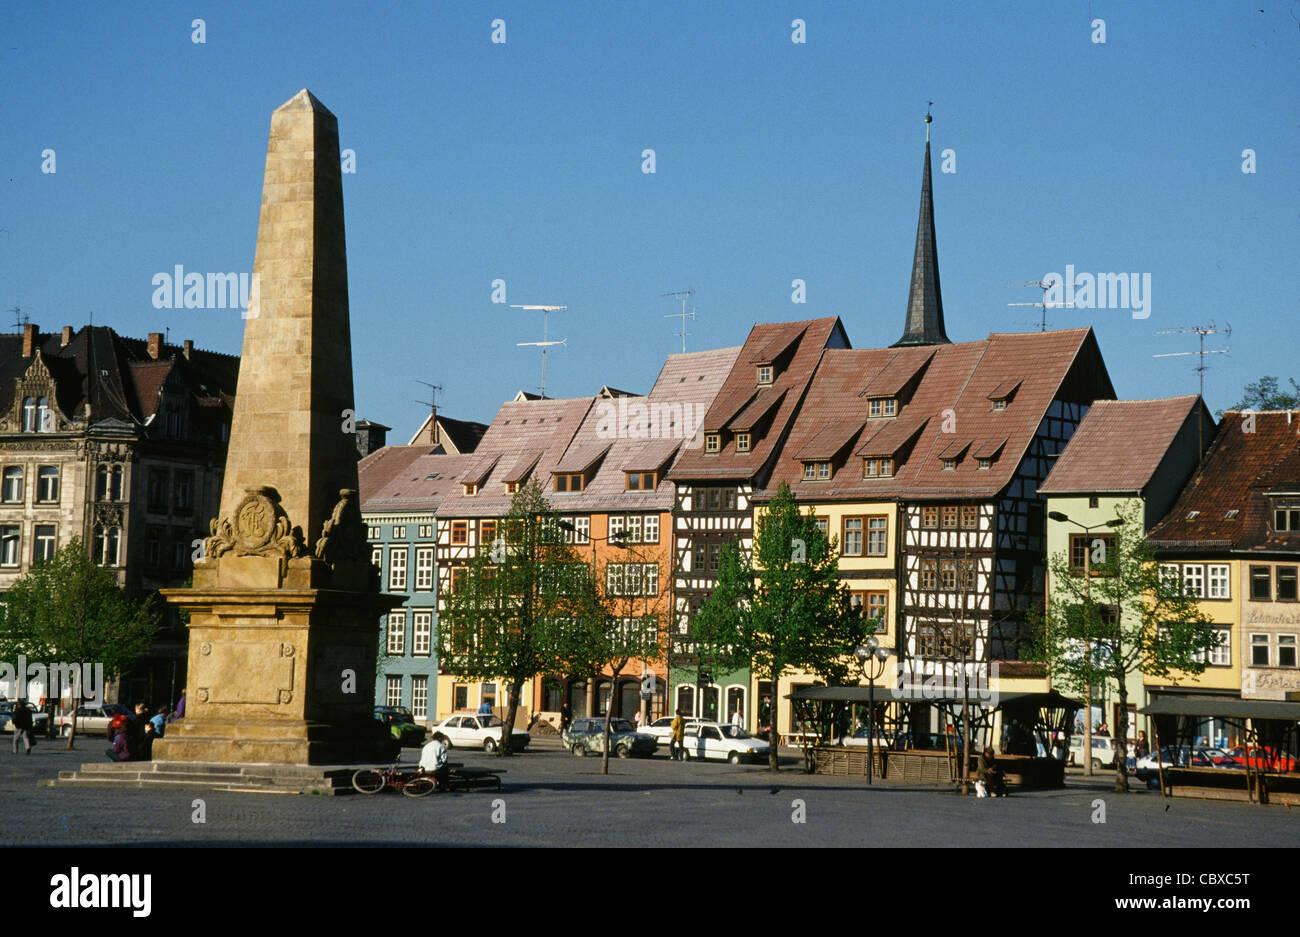 Der Domplatz oder Domplatz mit Obelisk und Fachwerk Häuser am Thüringer Landeshauptstadt Erfurt Stockbild